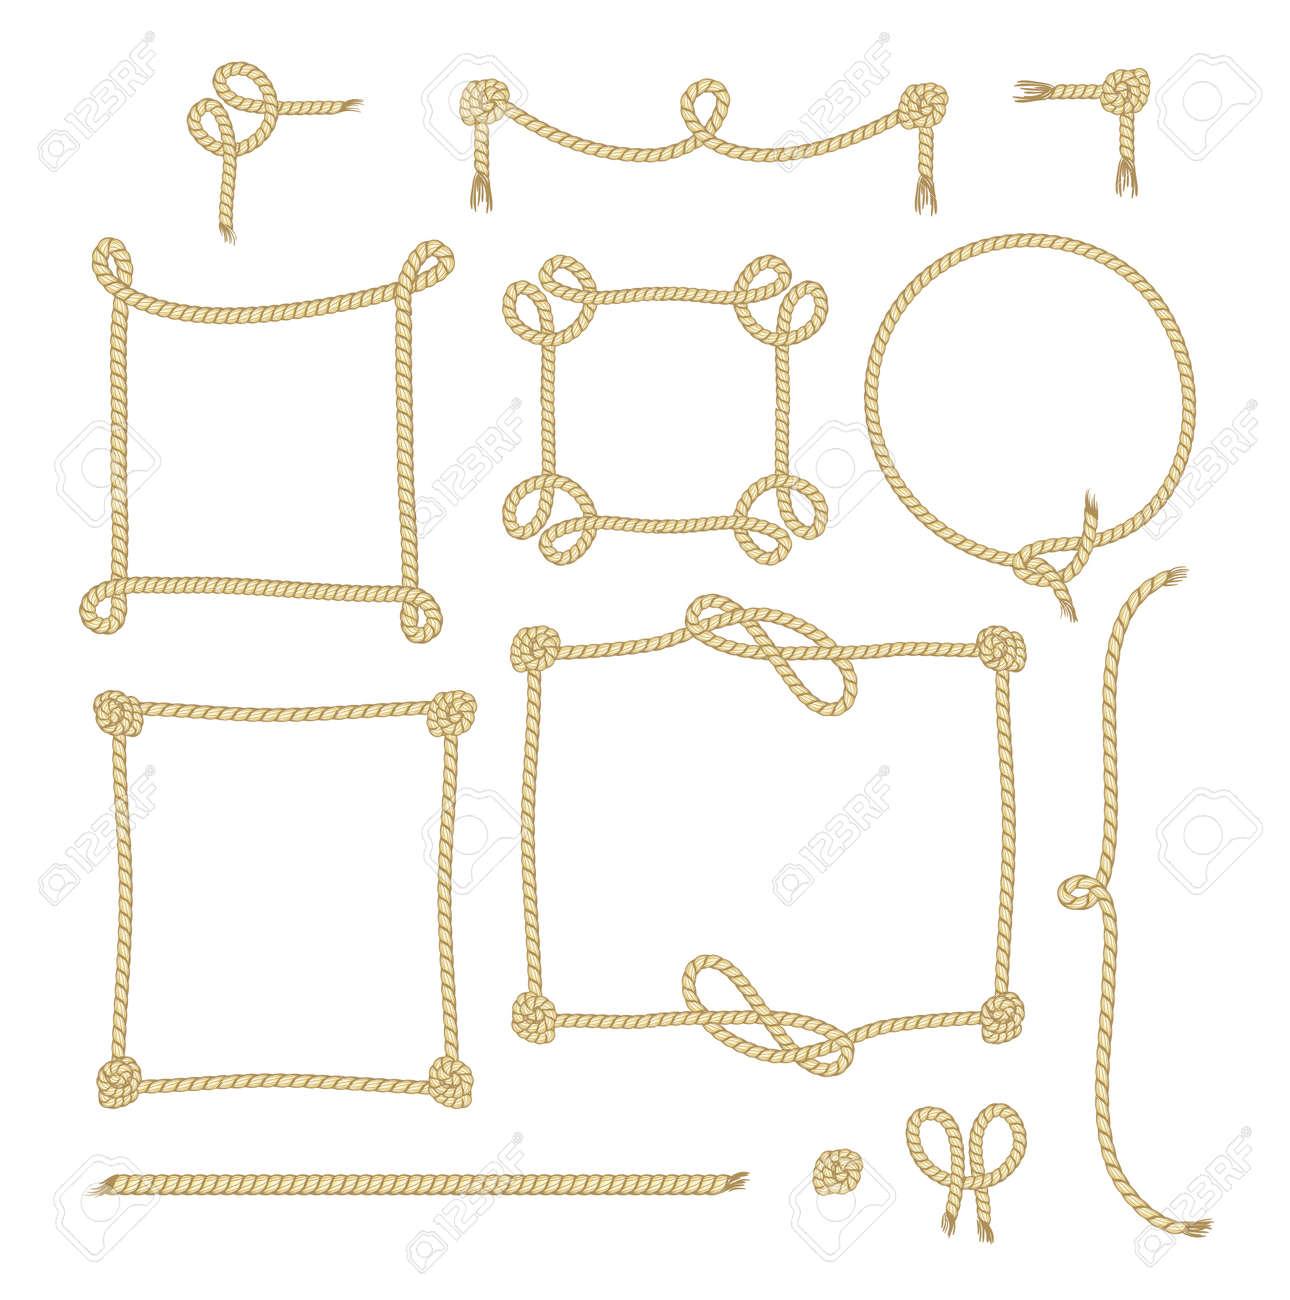 Conjunto De Cuerda Simple Marcos Diseños Gráficos Sobre Fondo Blanco ...